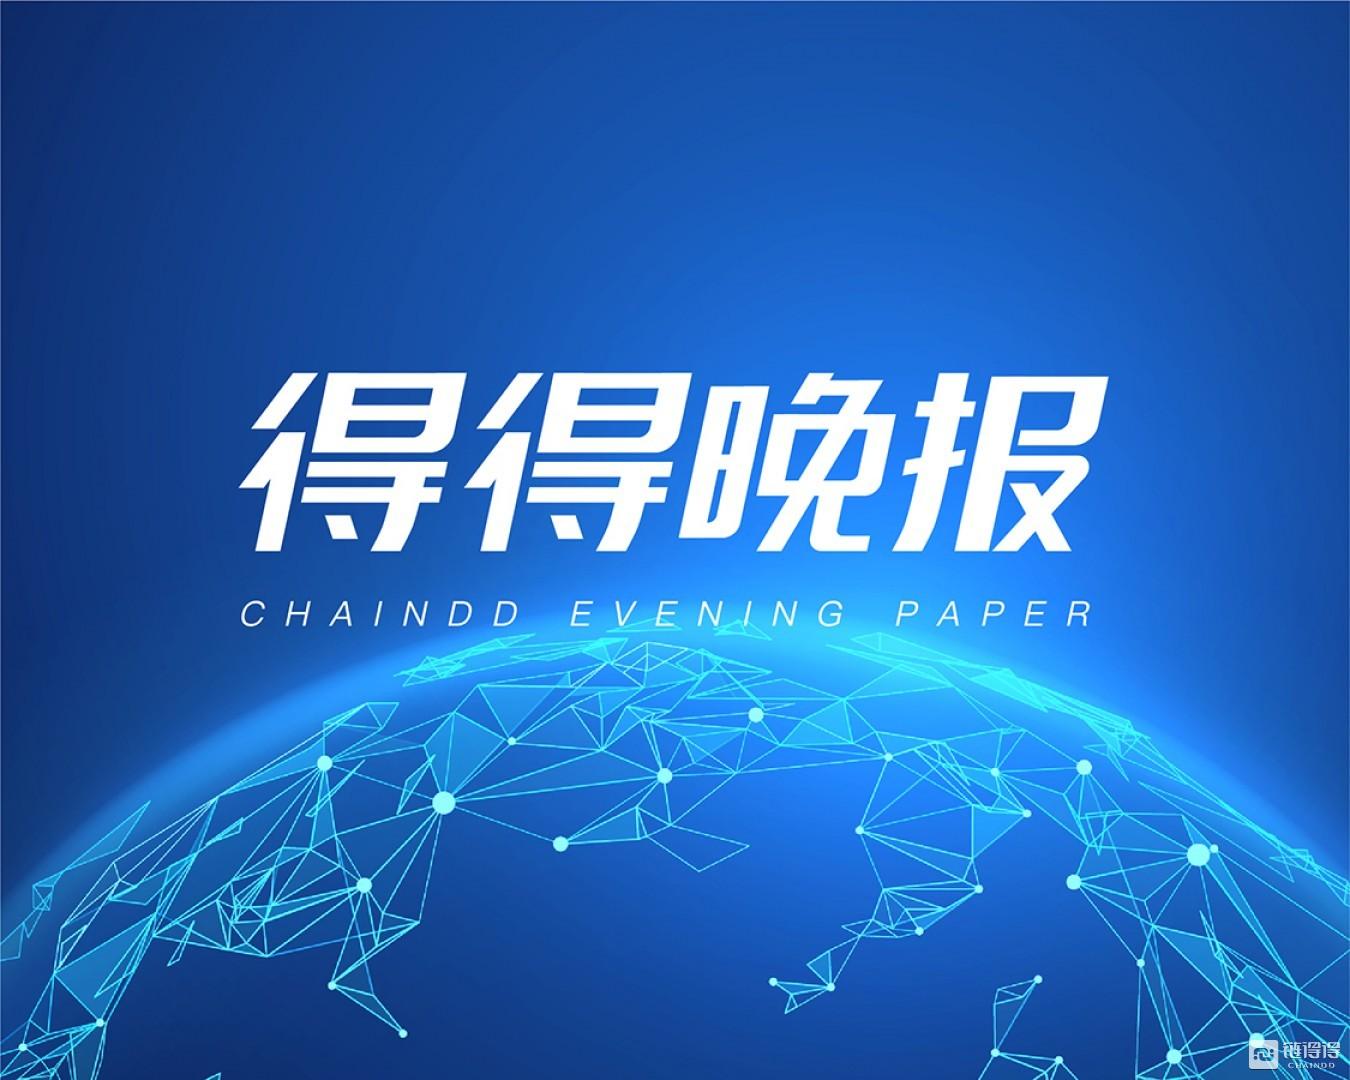 【链得得晚报】浙江新基建三年行动:聚焦区块链基础设施等核心领域